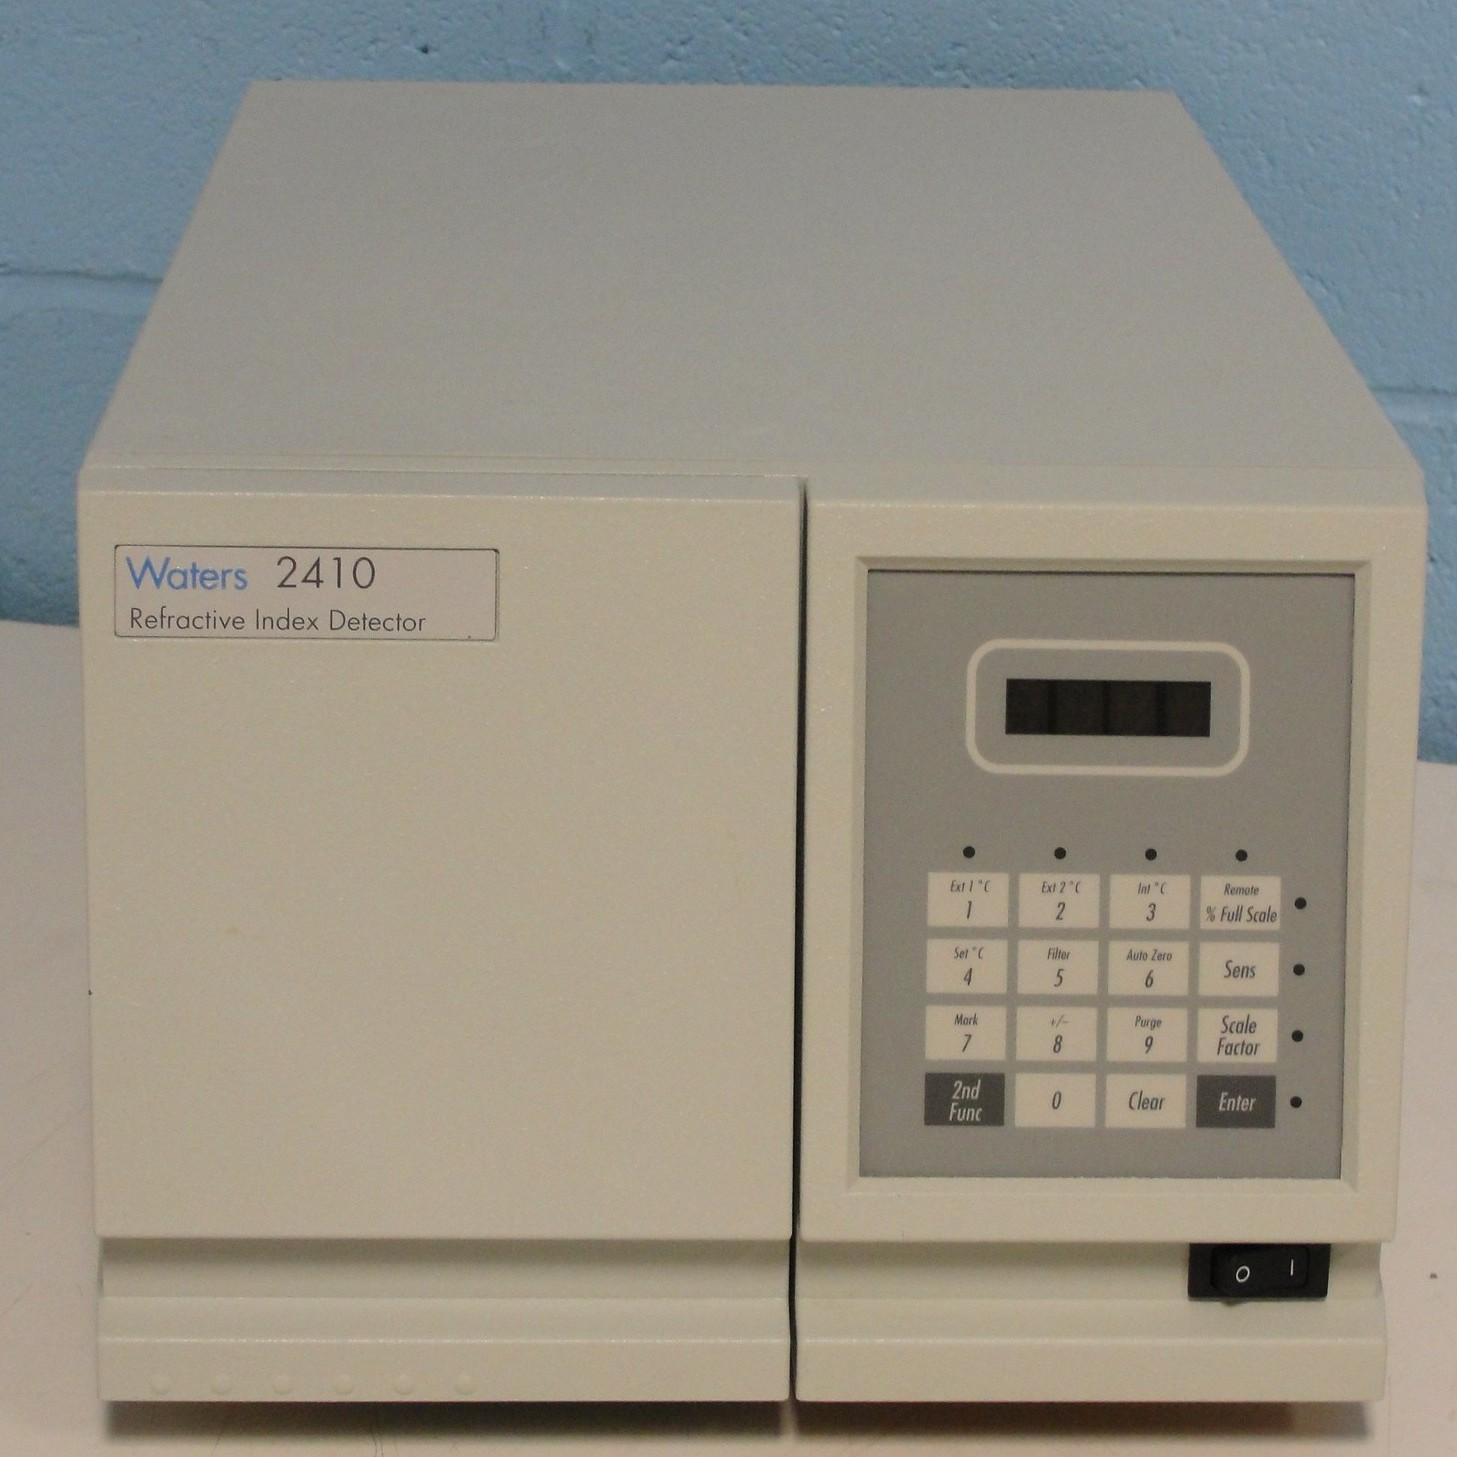 Waters 2410 Refractive Index Detector Image